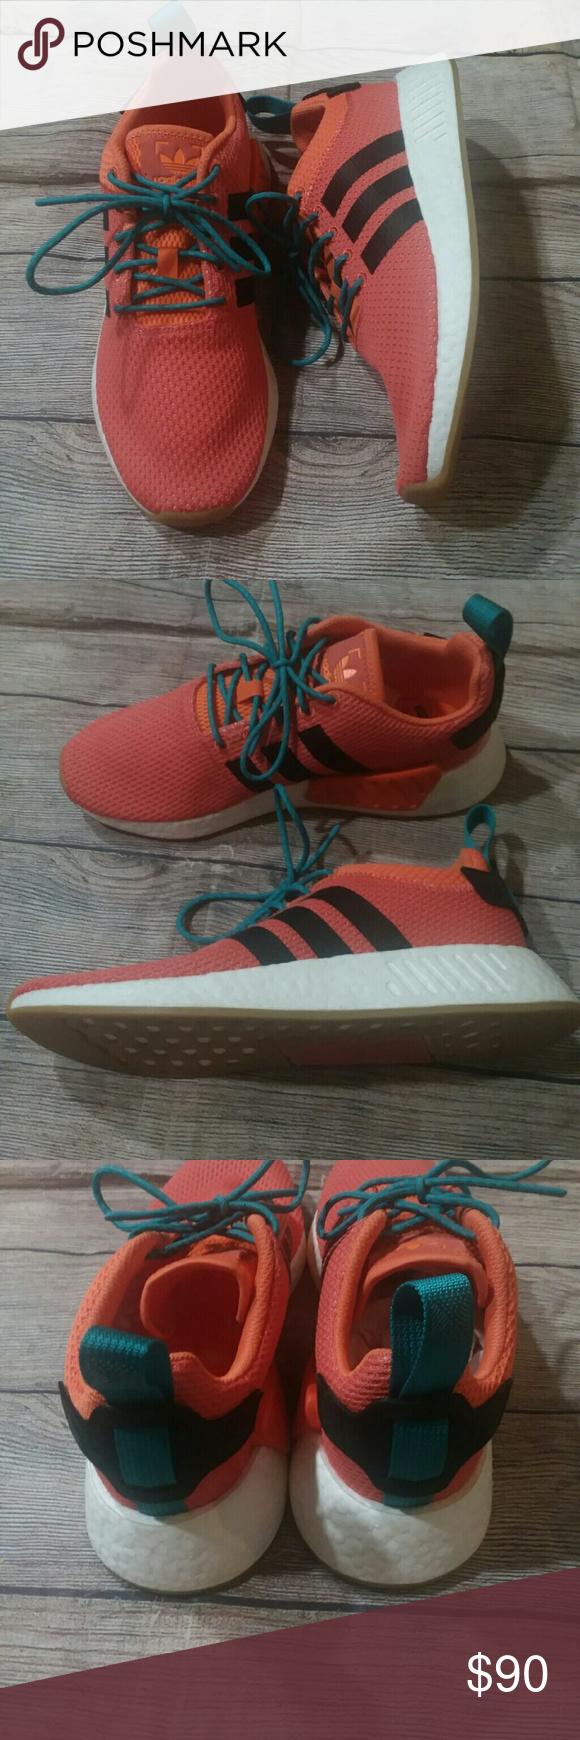 af2cd9b88a3c NIB Adidas NMD R2 Summer Orange Running Sneakers Adidas NMD R2 Summer  sneakers - new with box - orange with teal laces - boost midsole - size 9  men s adidas ...